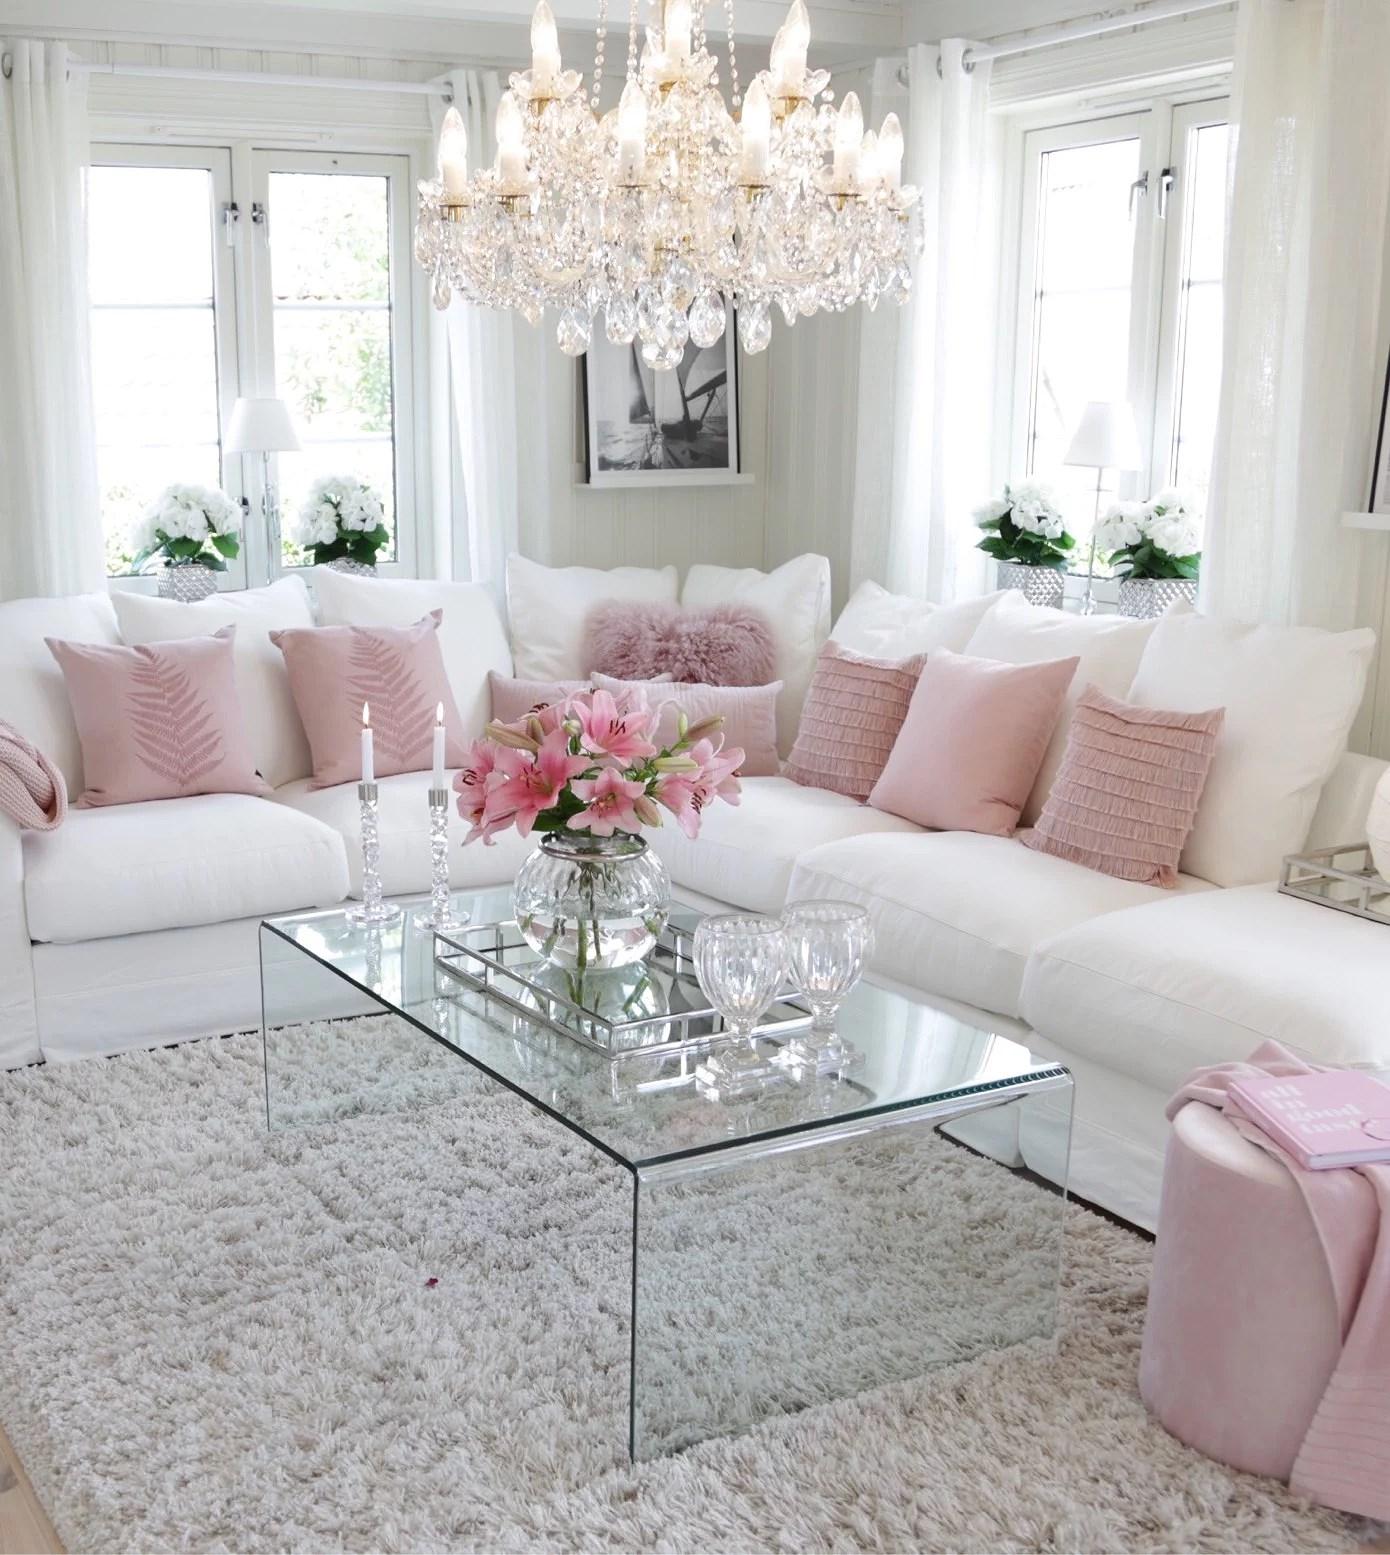 En bukett liljer pynter opp i stua